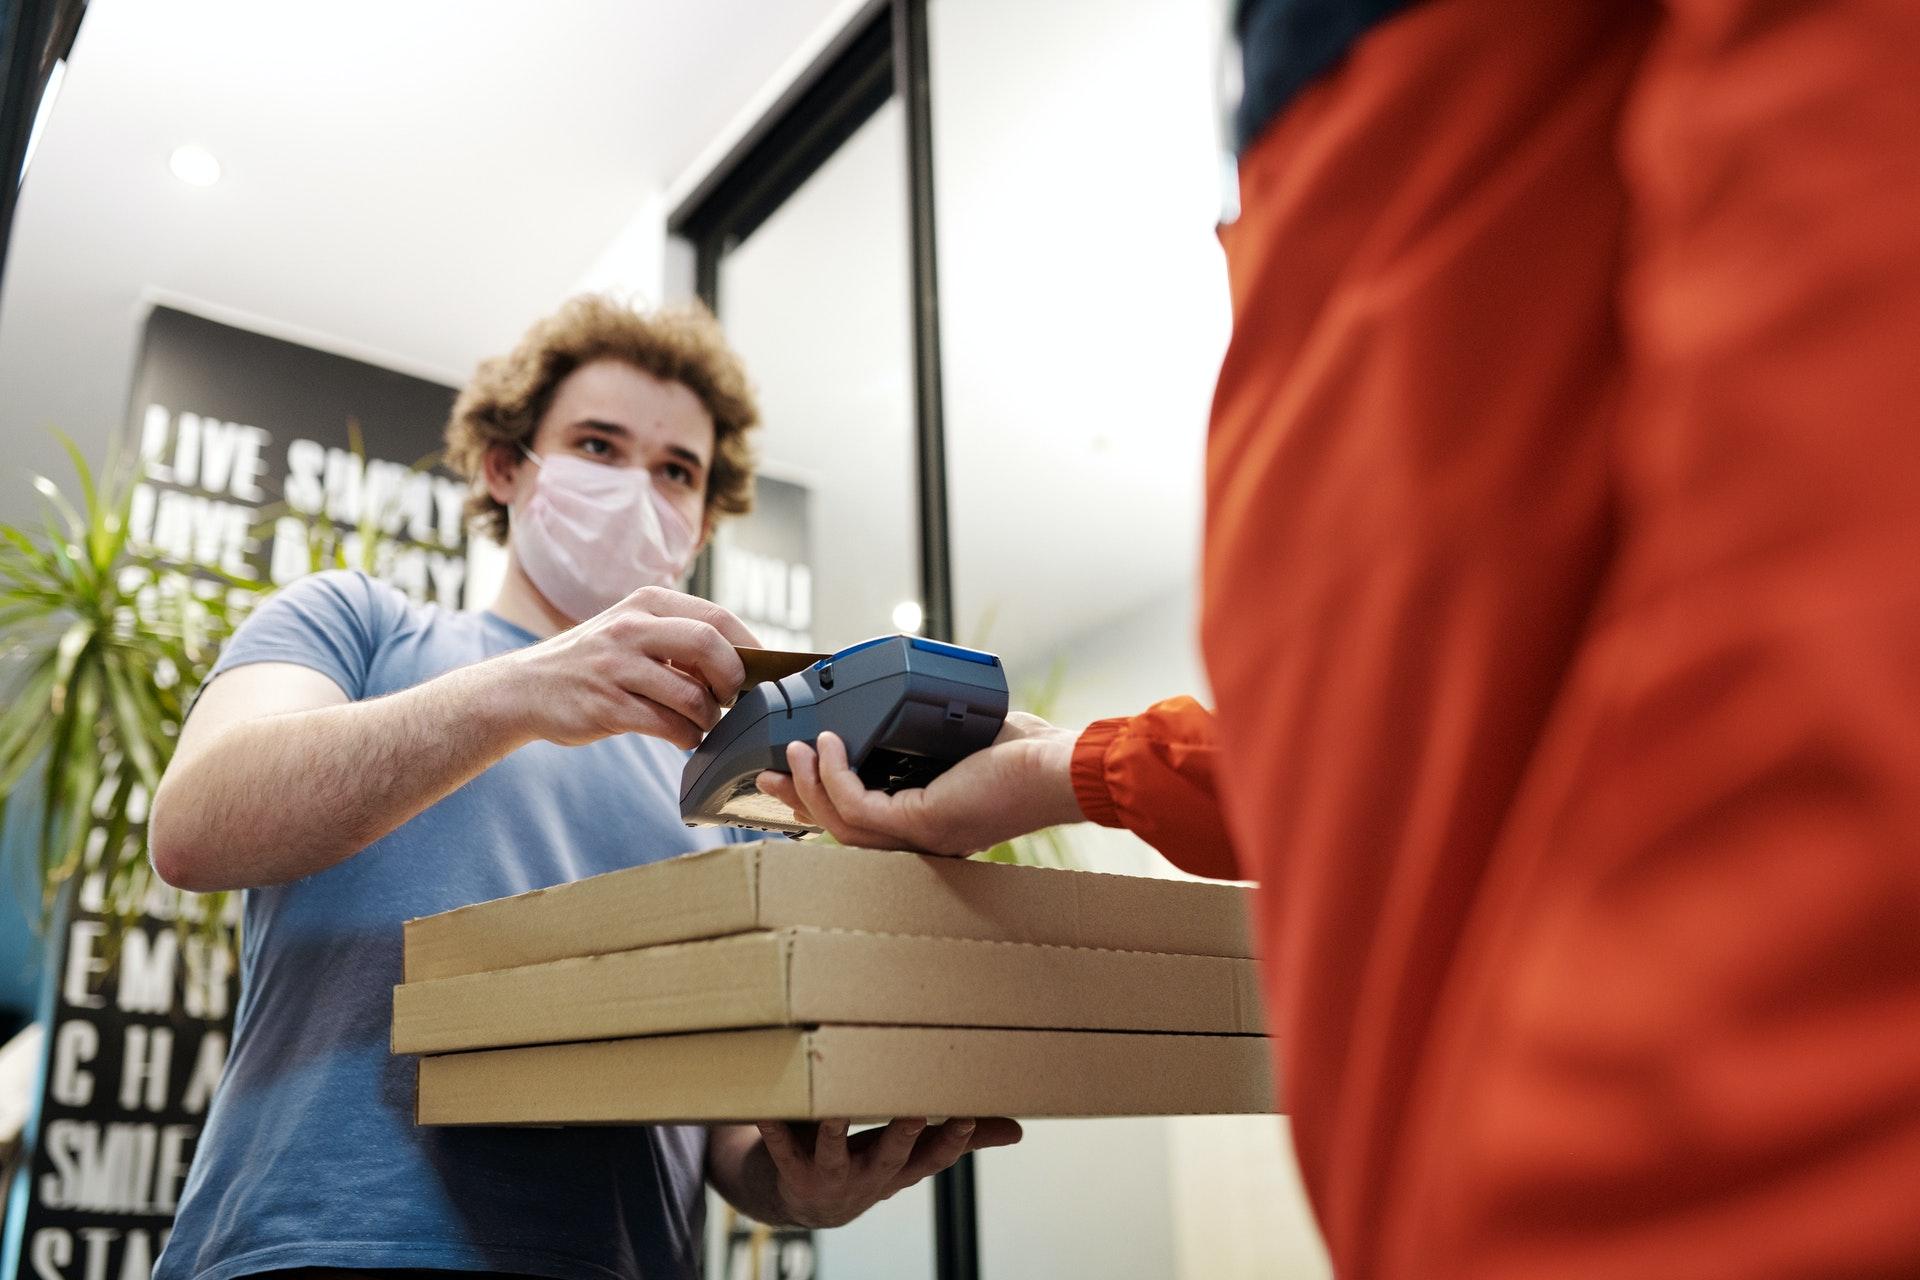 Vemos uma pessoa recebendo uma pizza em casa e passando o cartão na máquina (imagem ilustrativa).